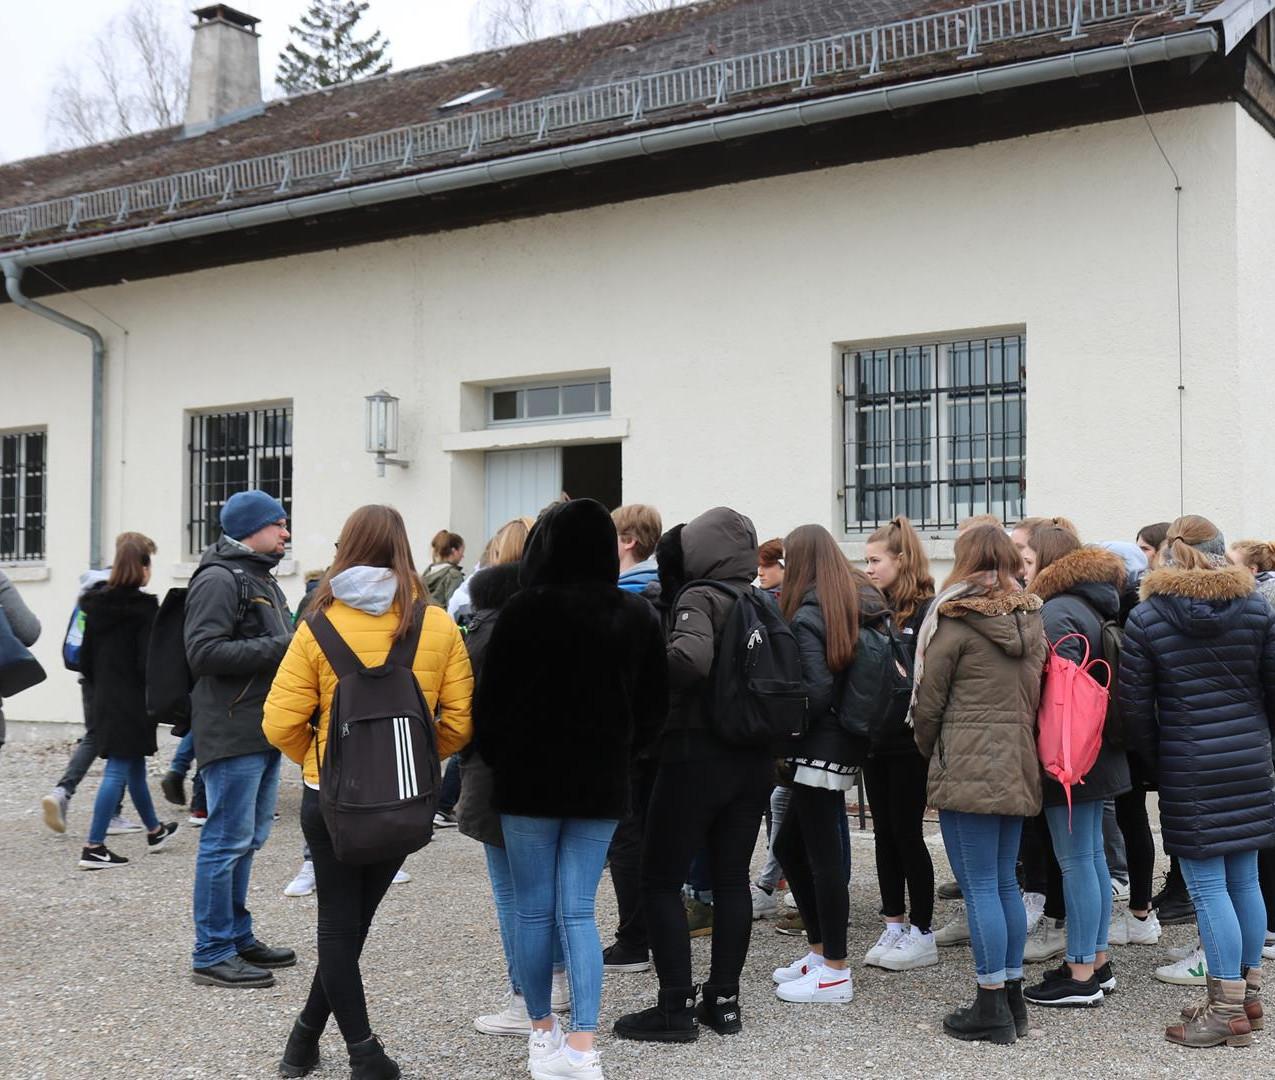 Dachau_1 (Copy)